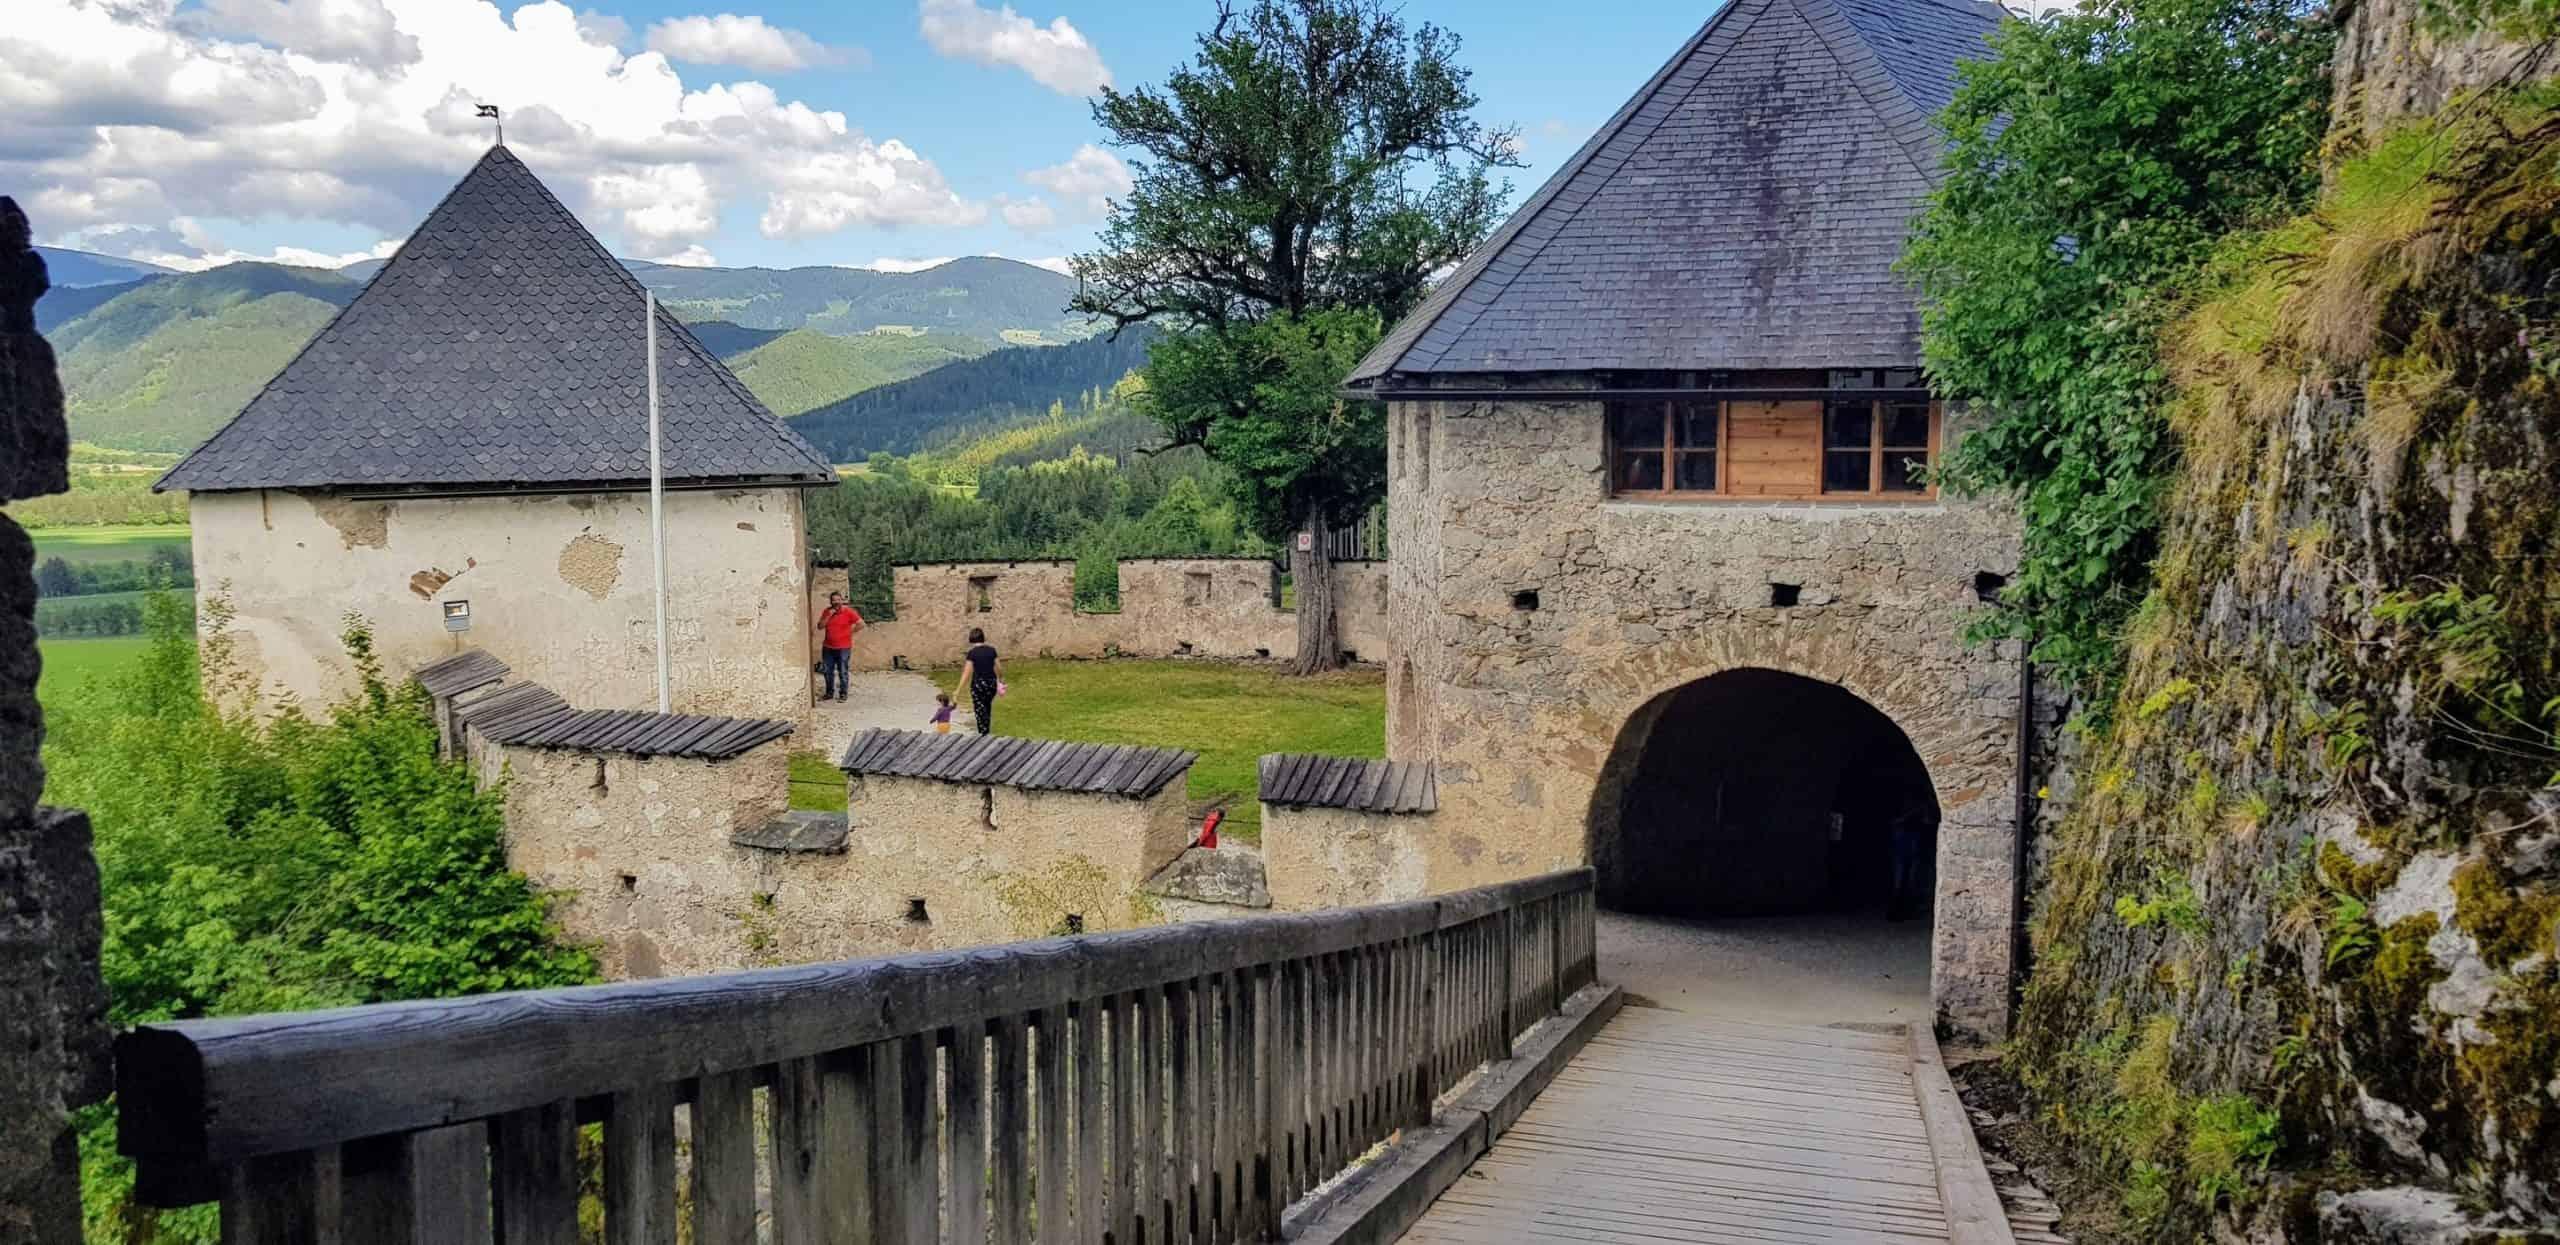 Durch Engeltor geht es zum Khevenhüller-Gardemuseum auf der Burg Hochosterwitz - Wahrzeichen in Kärnten, Nähe Klagenfurt